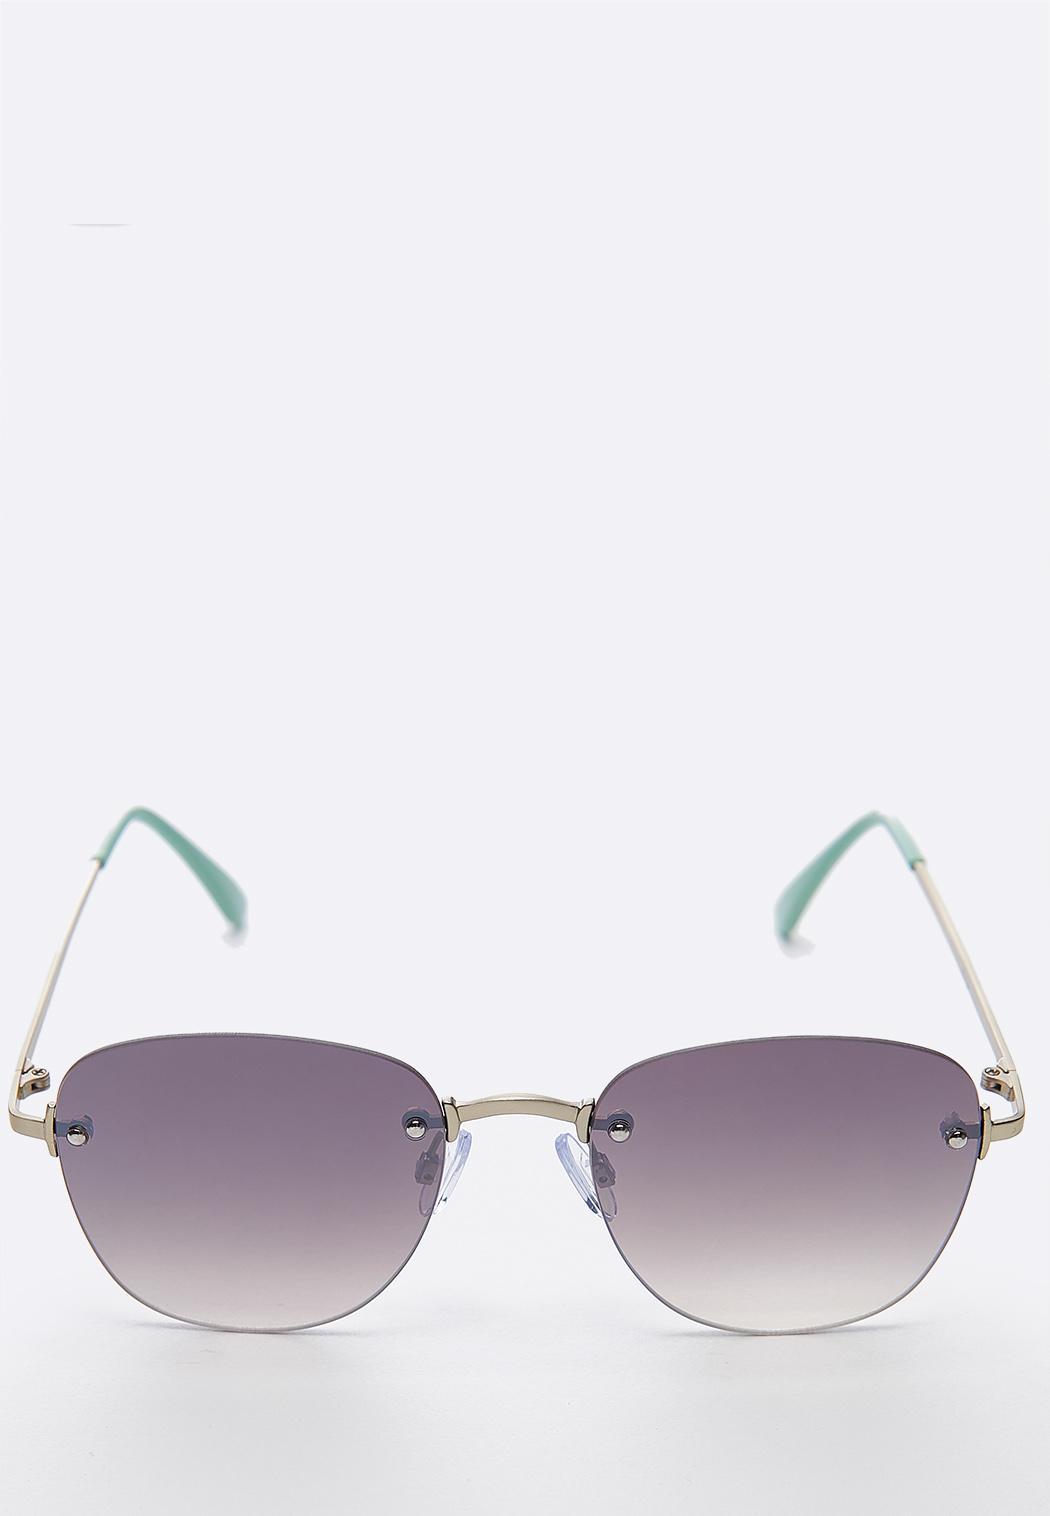 Mint Frameless Sunglasses